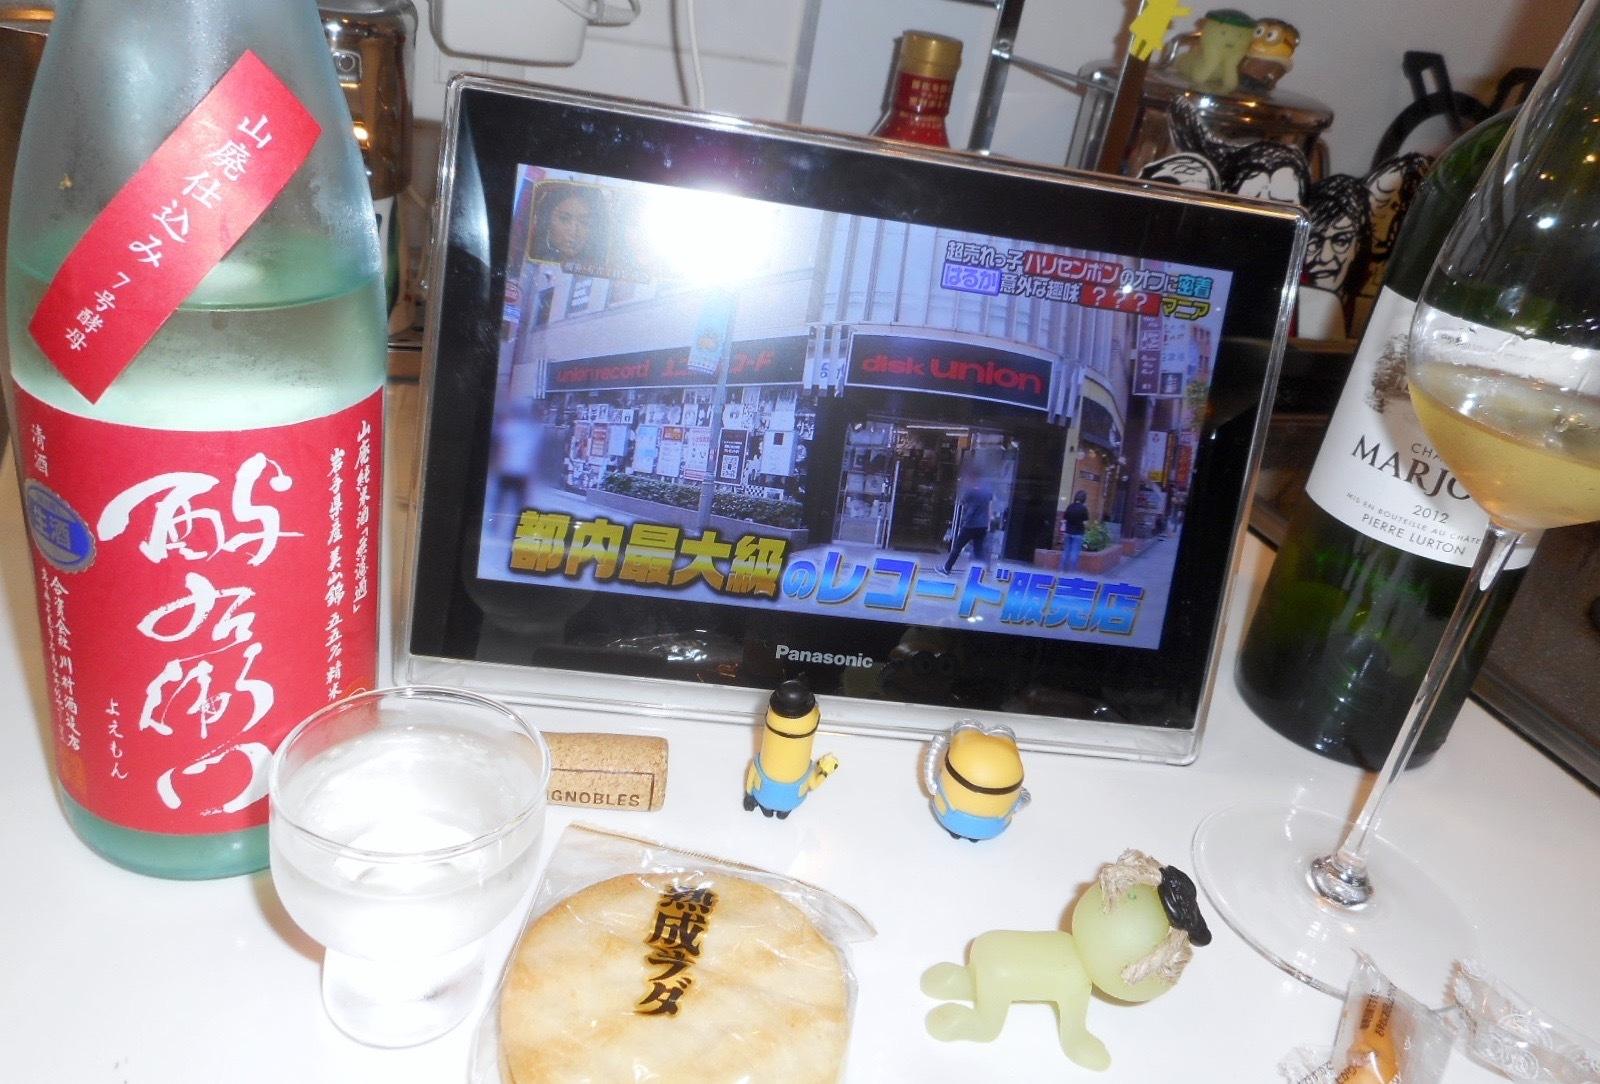 yoemon_yamahai_miyama29by16.jpg